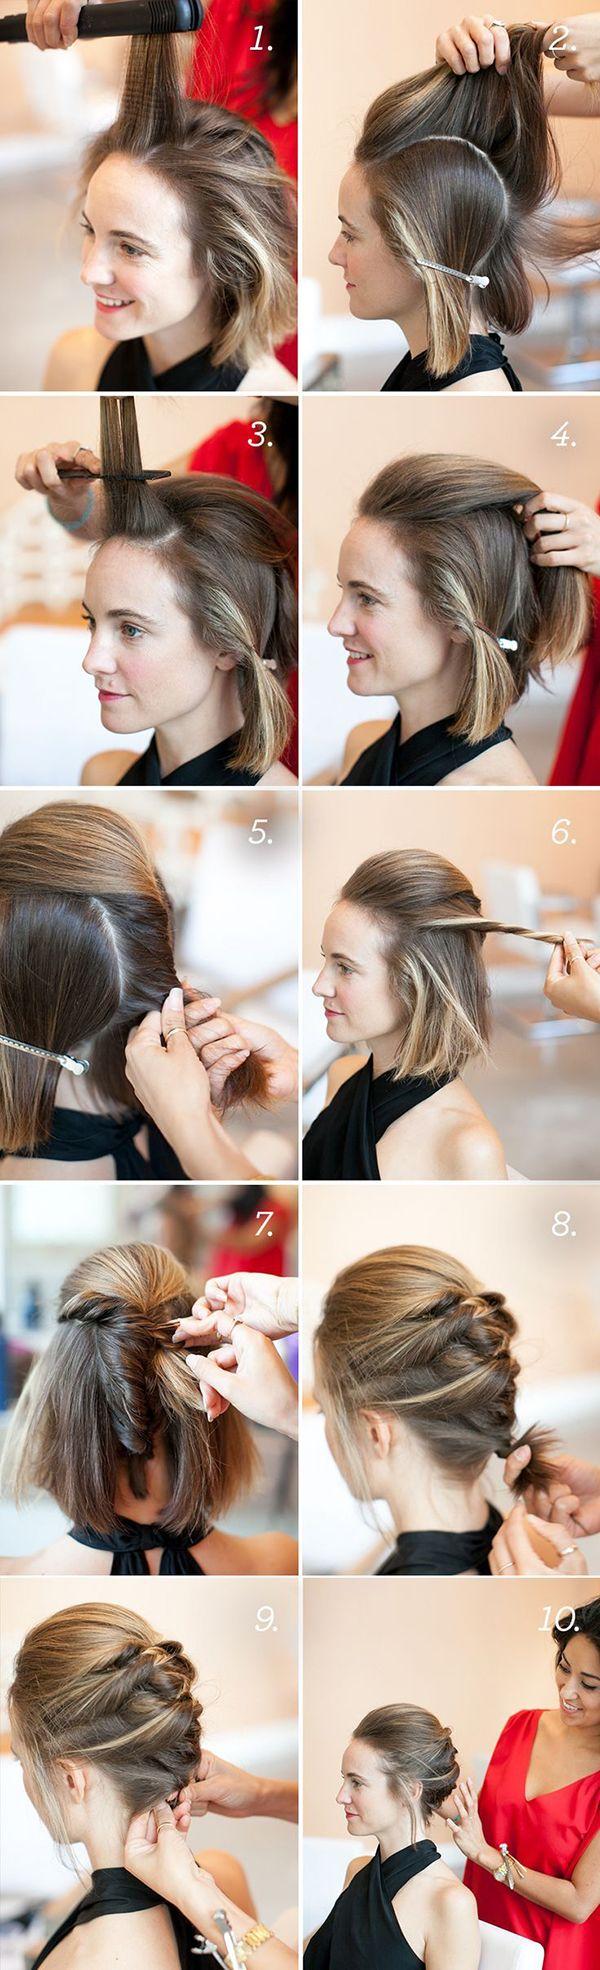 Peinados De Verano 2021